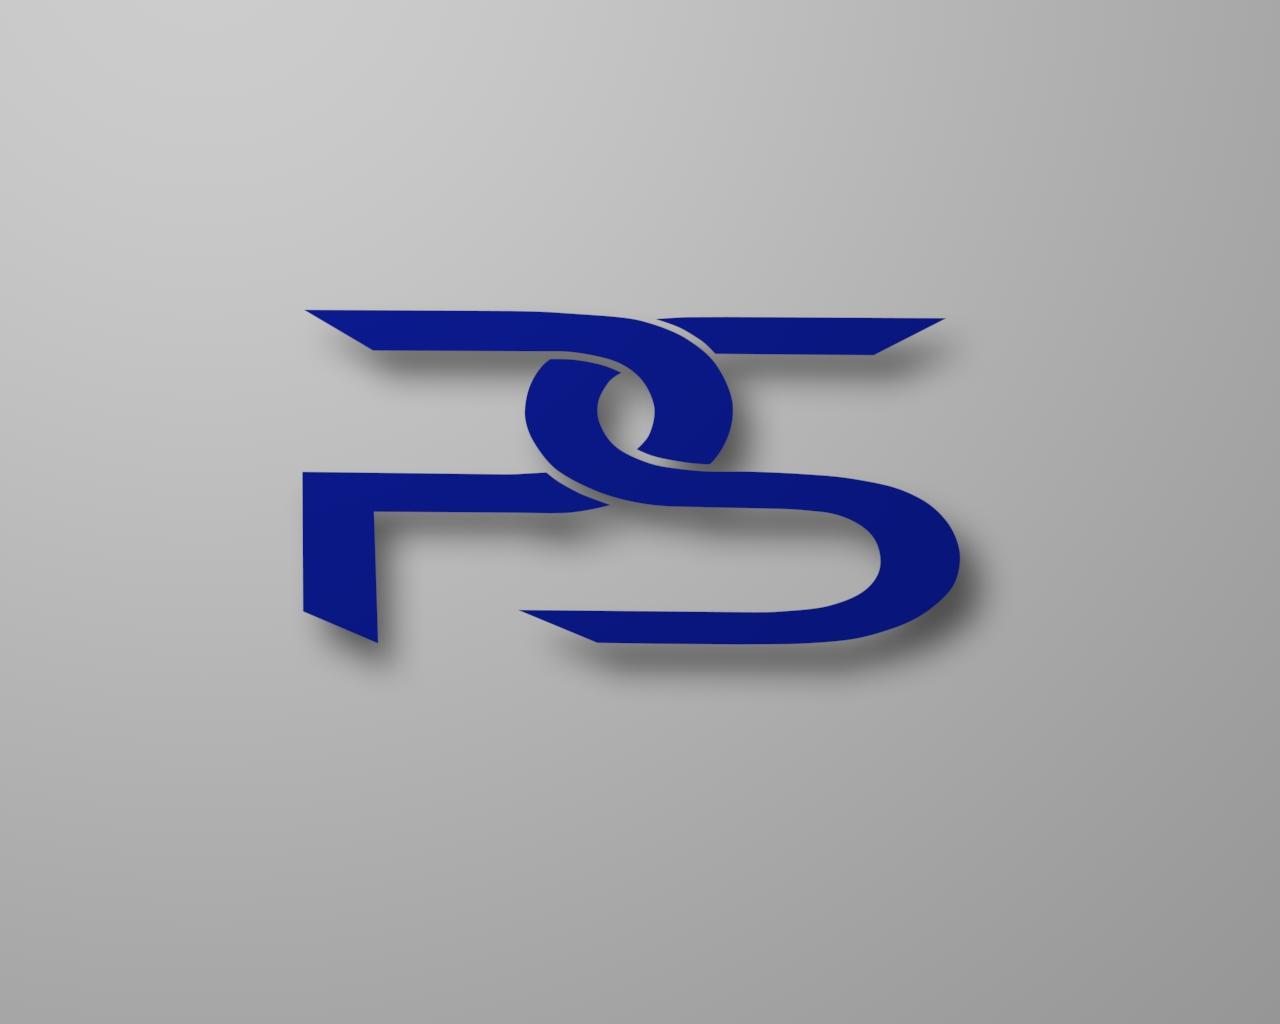 ЛОГОТИП для рекламного агентства фото f_1955b4ddc2c1cbdd.jpg